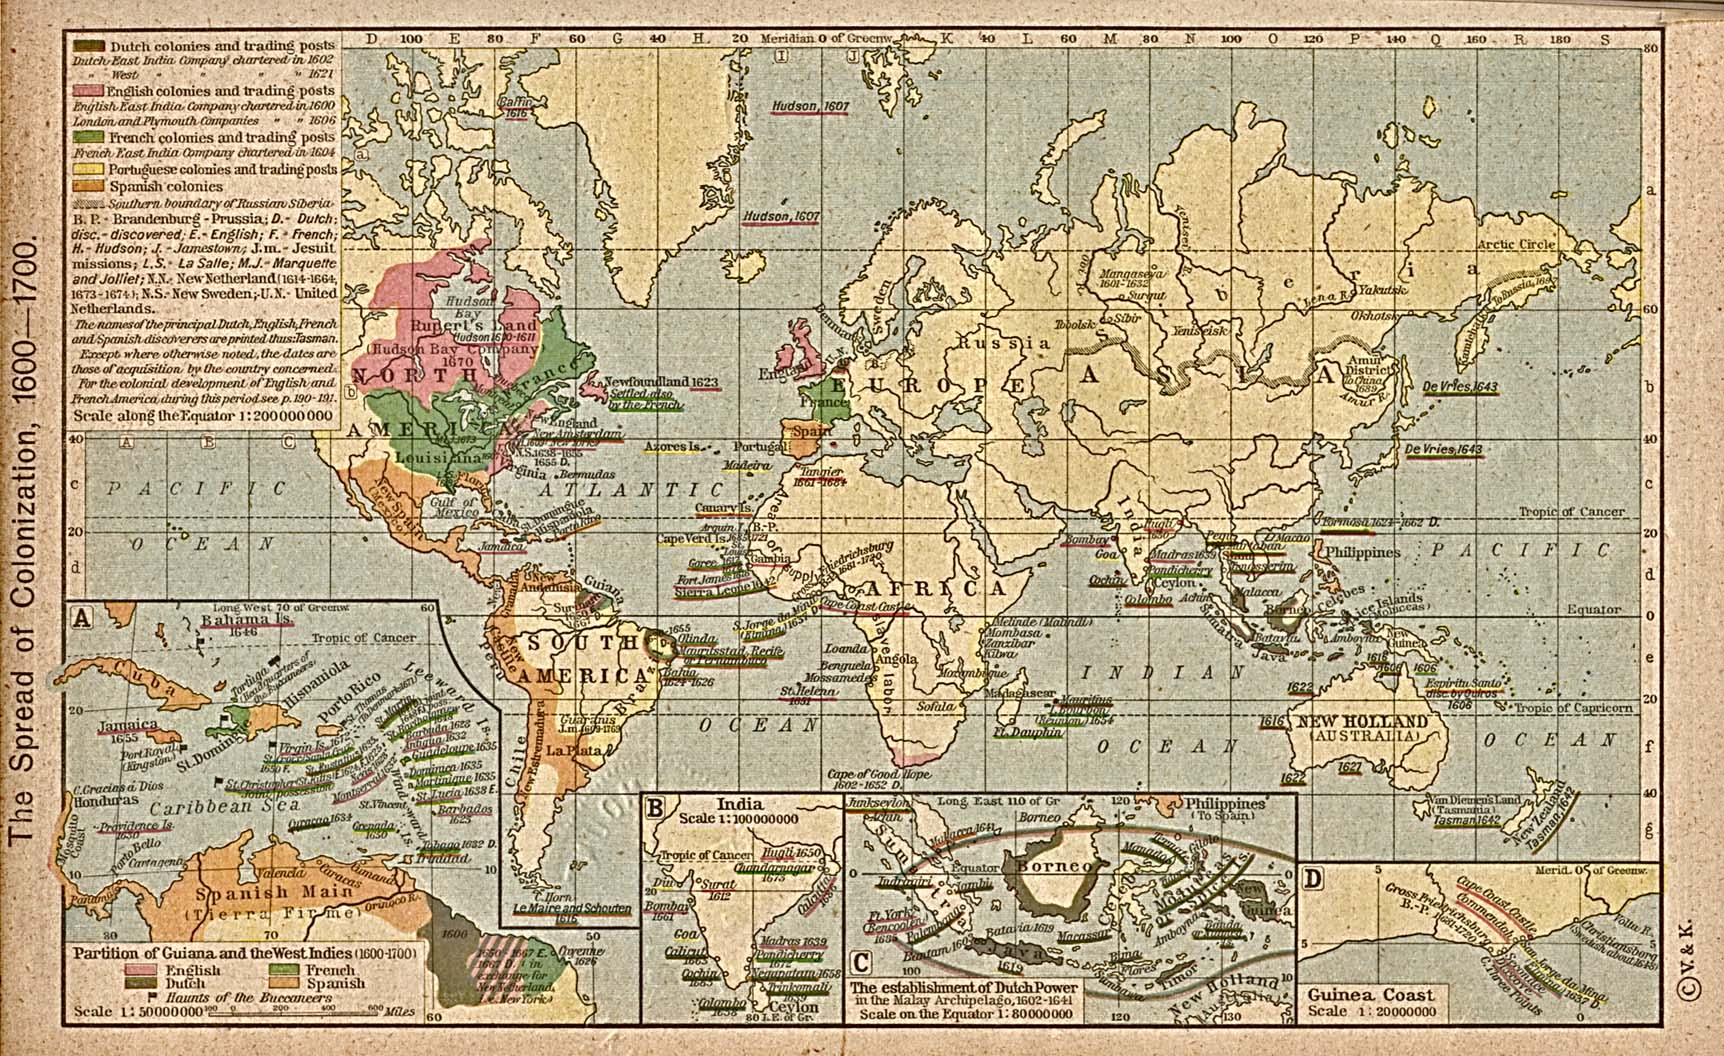 Reisenett Historical Maps of the World